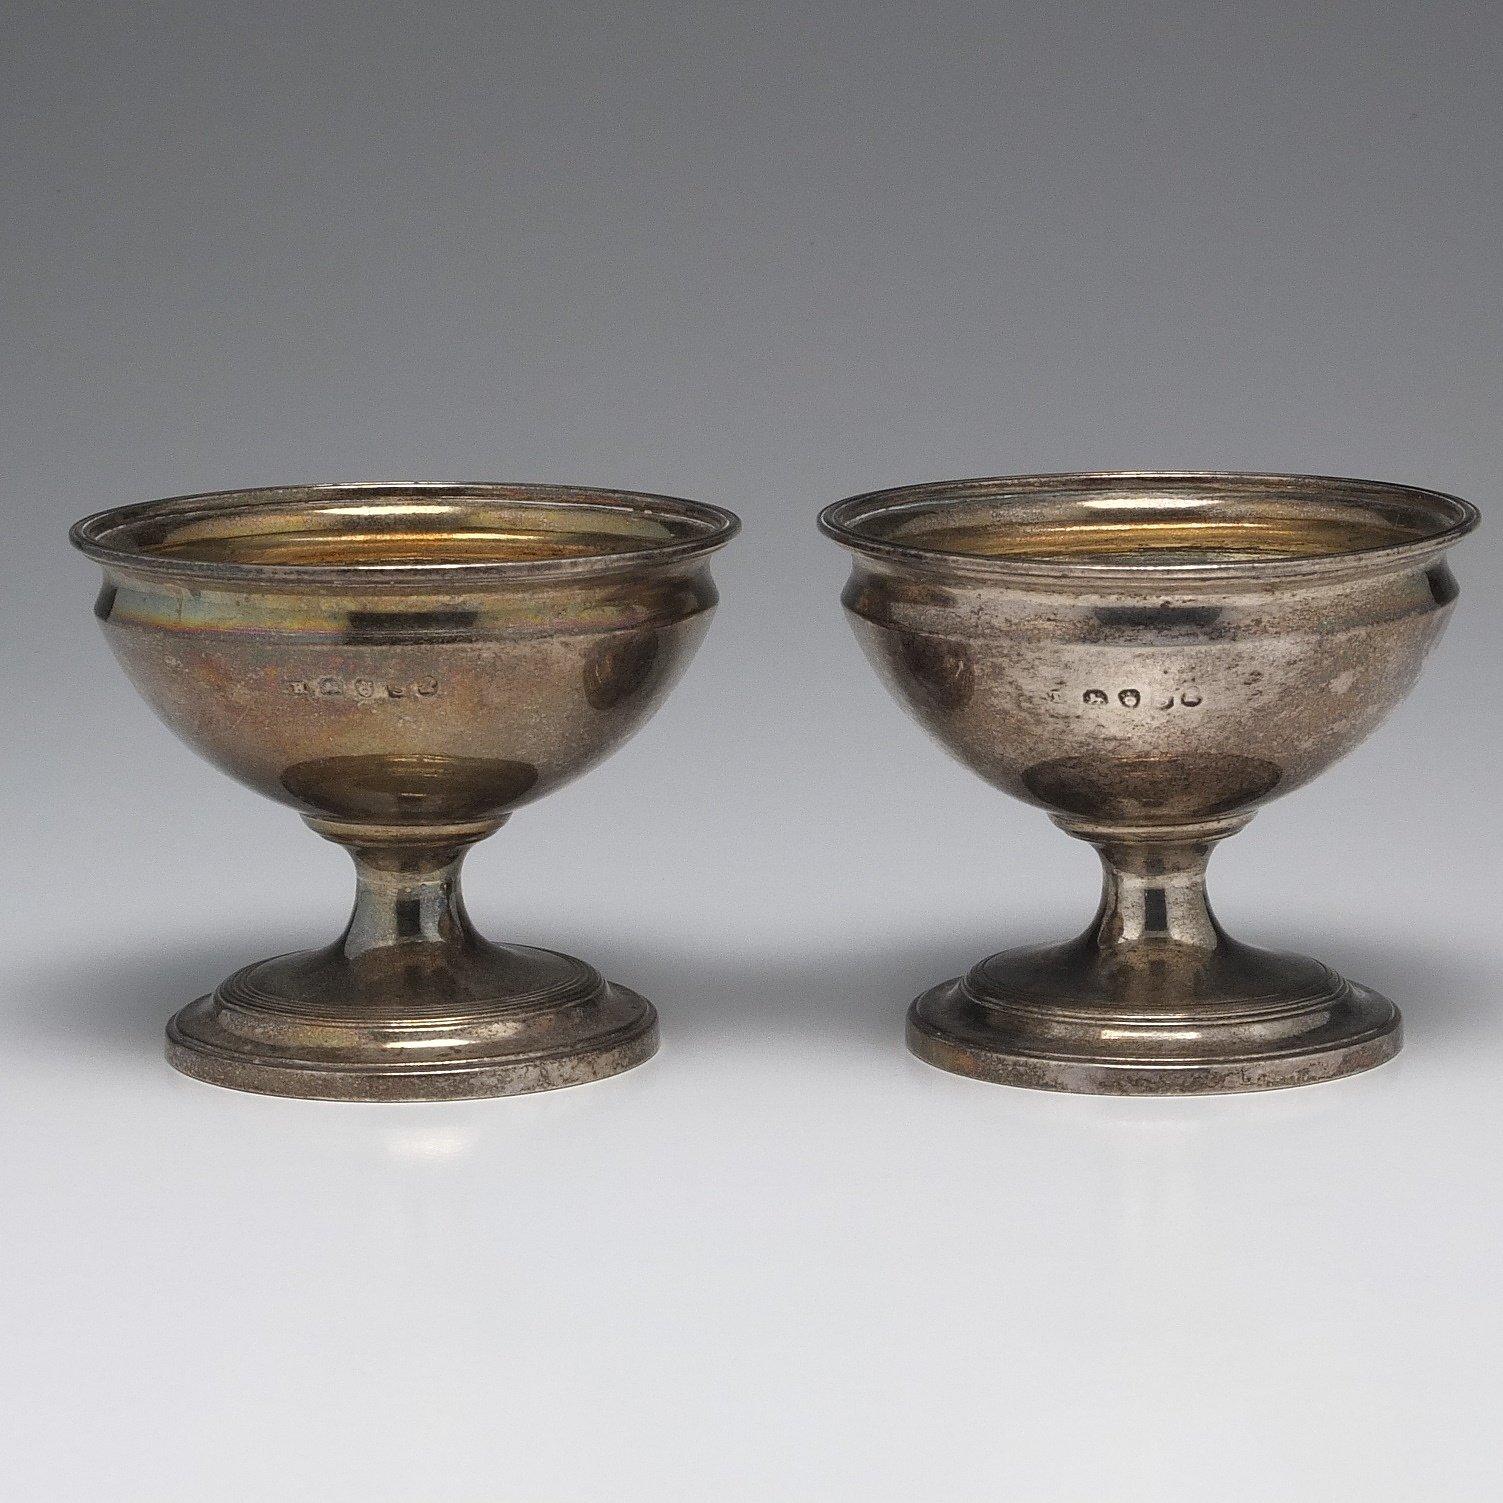 'Pair of George III Sterling Silver Raised Open Salts London 1813'